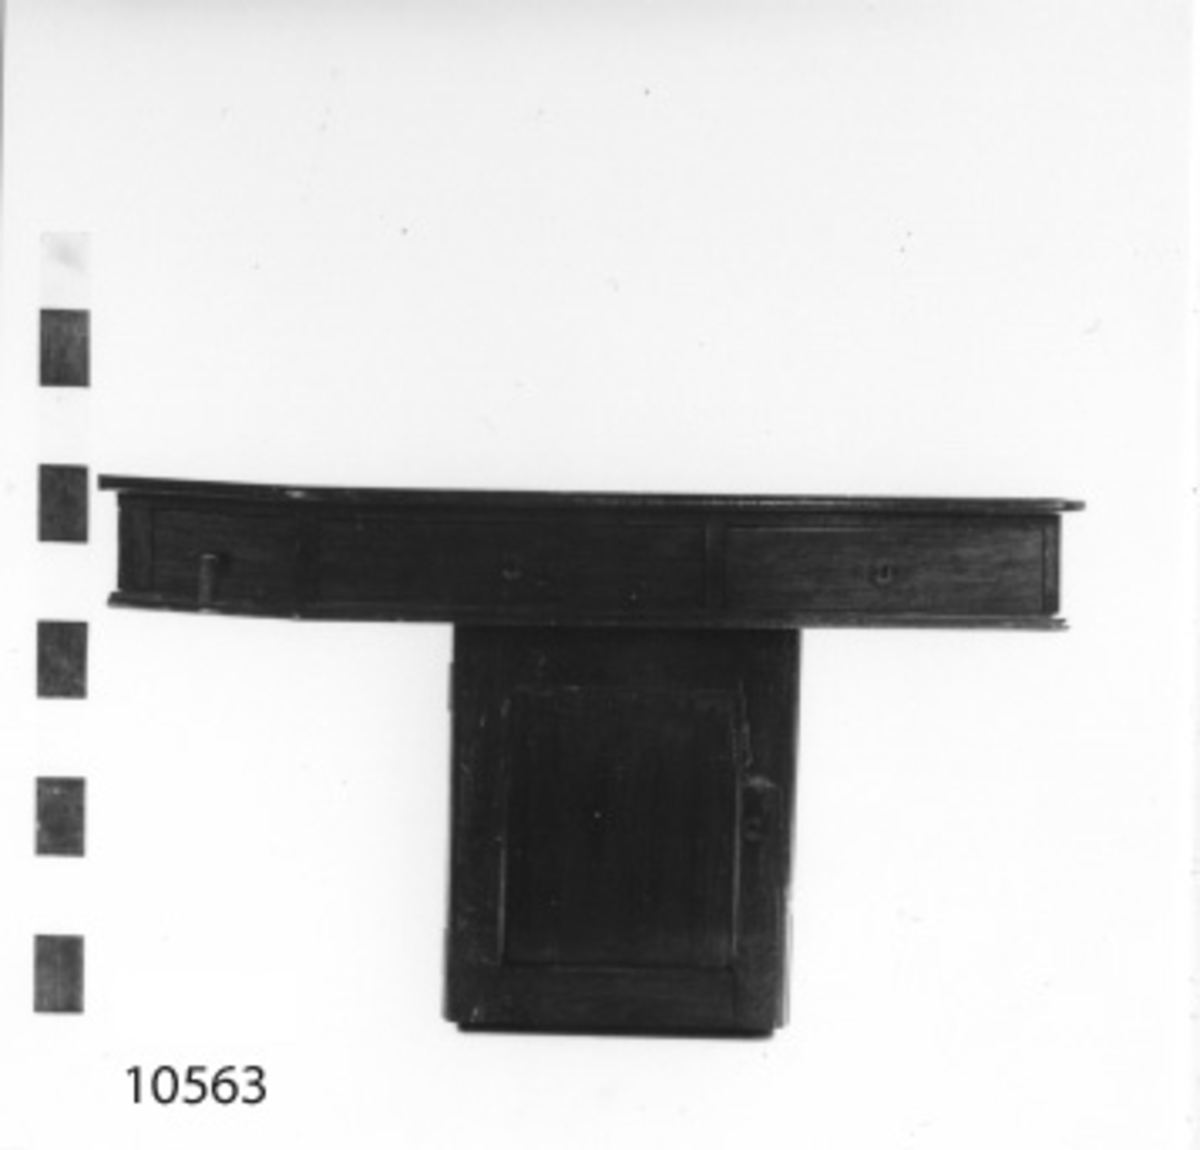 Skrivbord av furu i fanér, mahognybetsat. Försedd med en lös hurts och tre lådor, en hörna snedskuren.